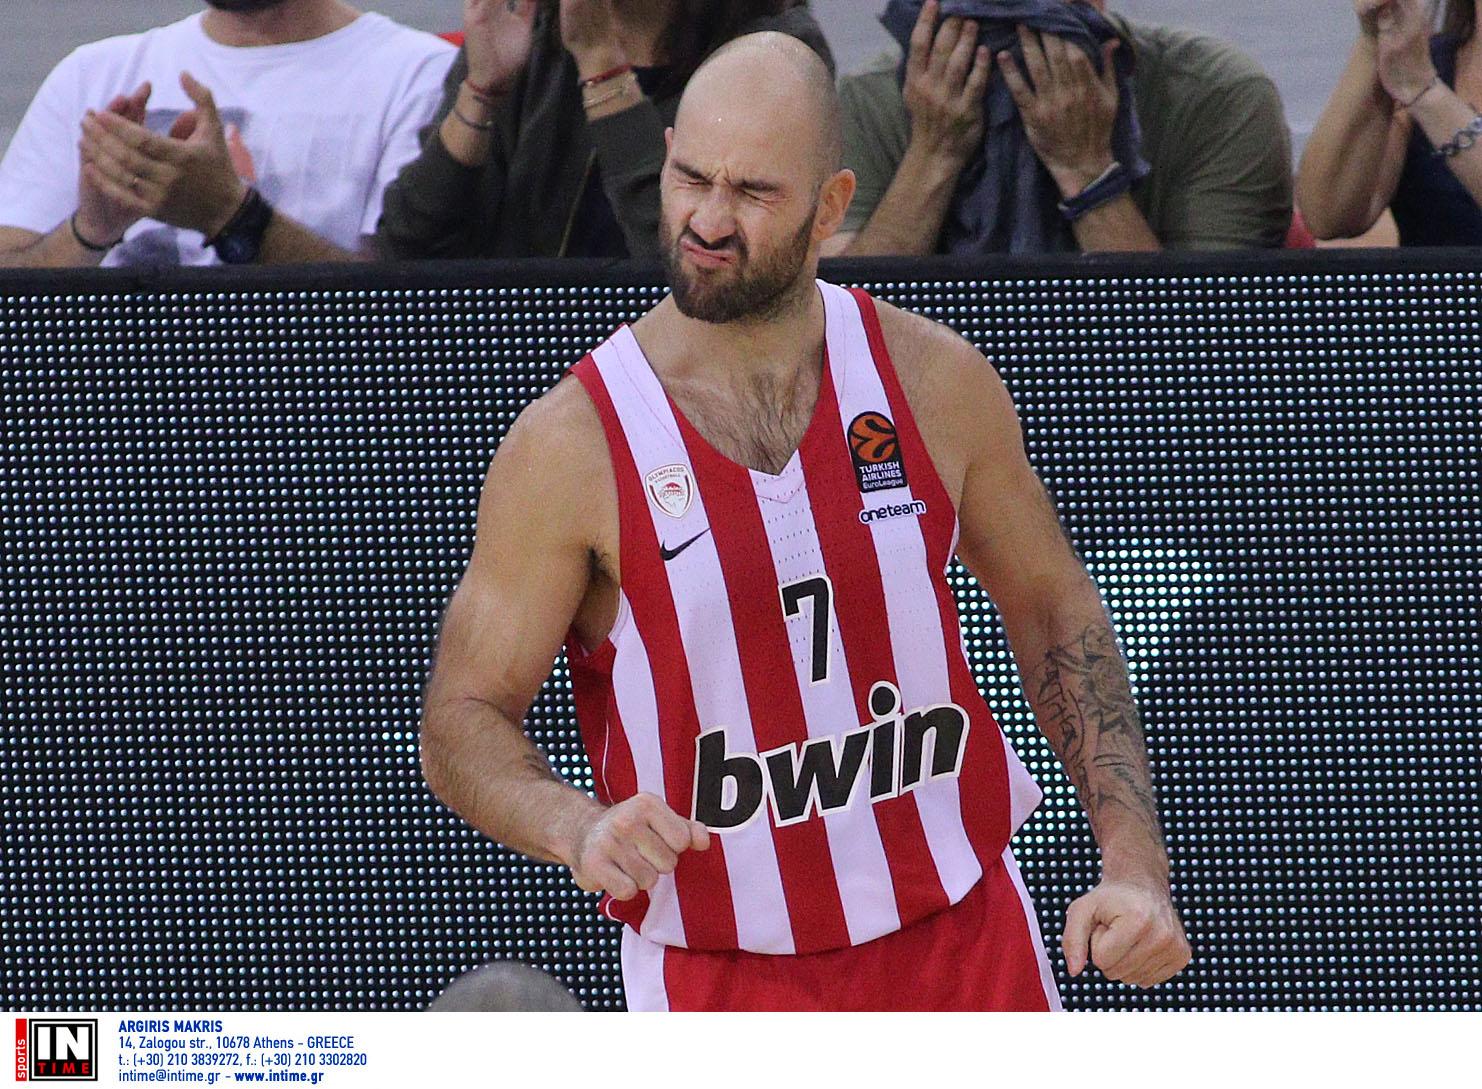 Euroleague: Ο Σπανούλης είναι το τελευταίο μέλος της κορυφαίας ομάδας της δεκαετίας!